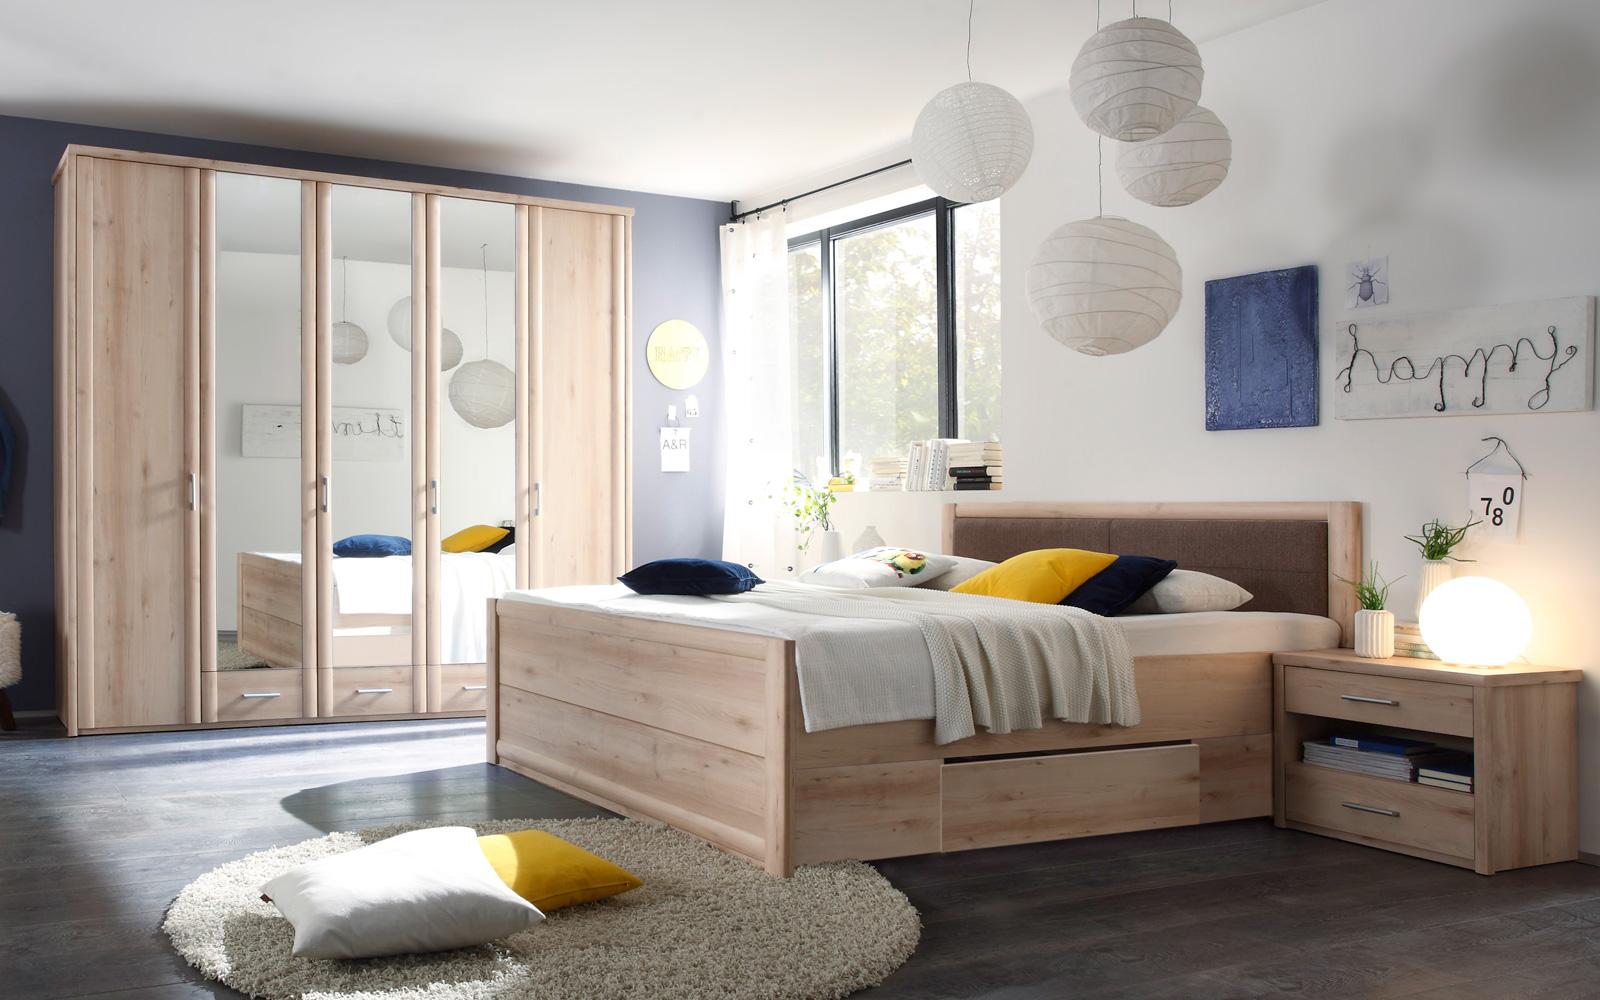 Ebay Schlafzimmer Komplett : schlafzimmer set komplett classic bett kleiderschrank ~ Watch28wear.com Haus und Dekorationen